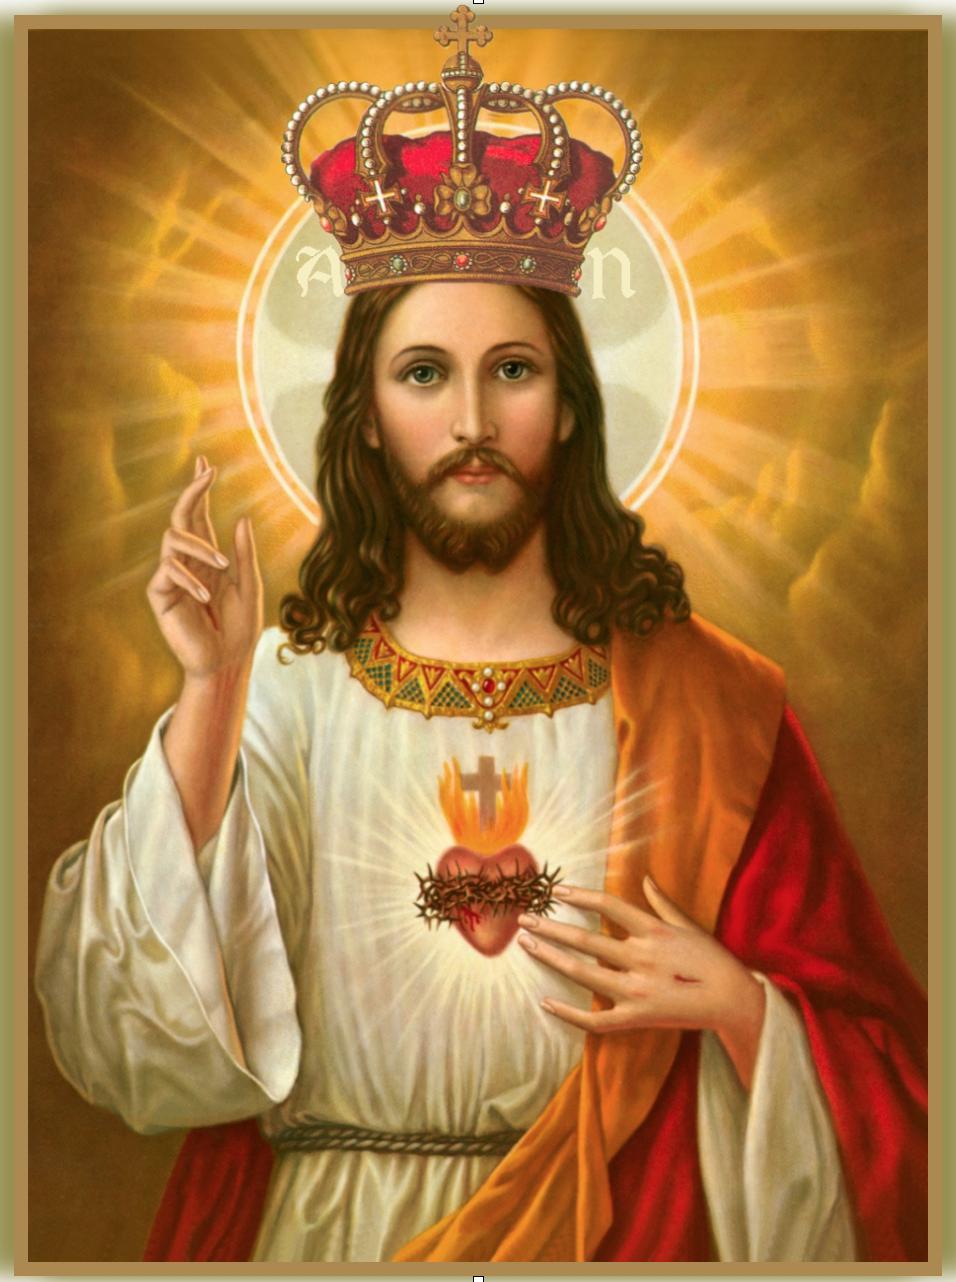 Ảnh chúa jesus đội vương miện